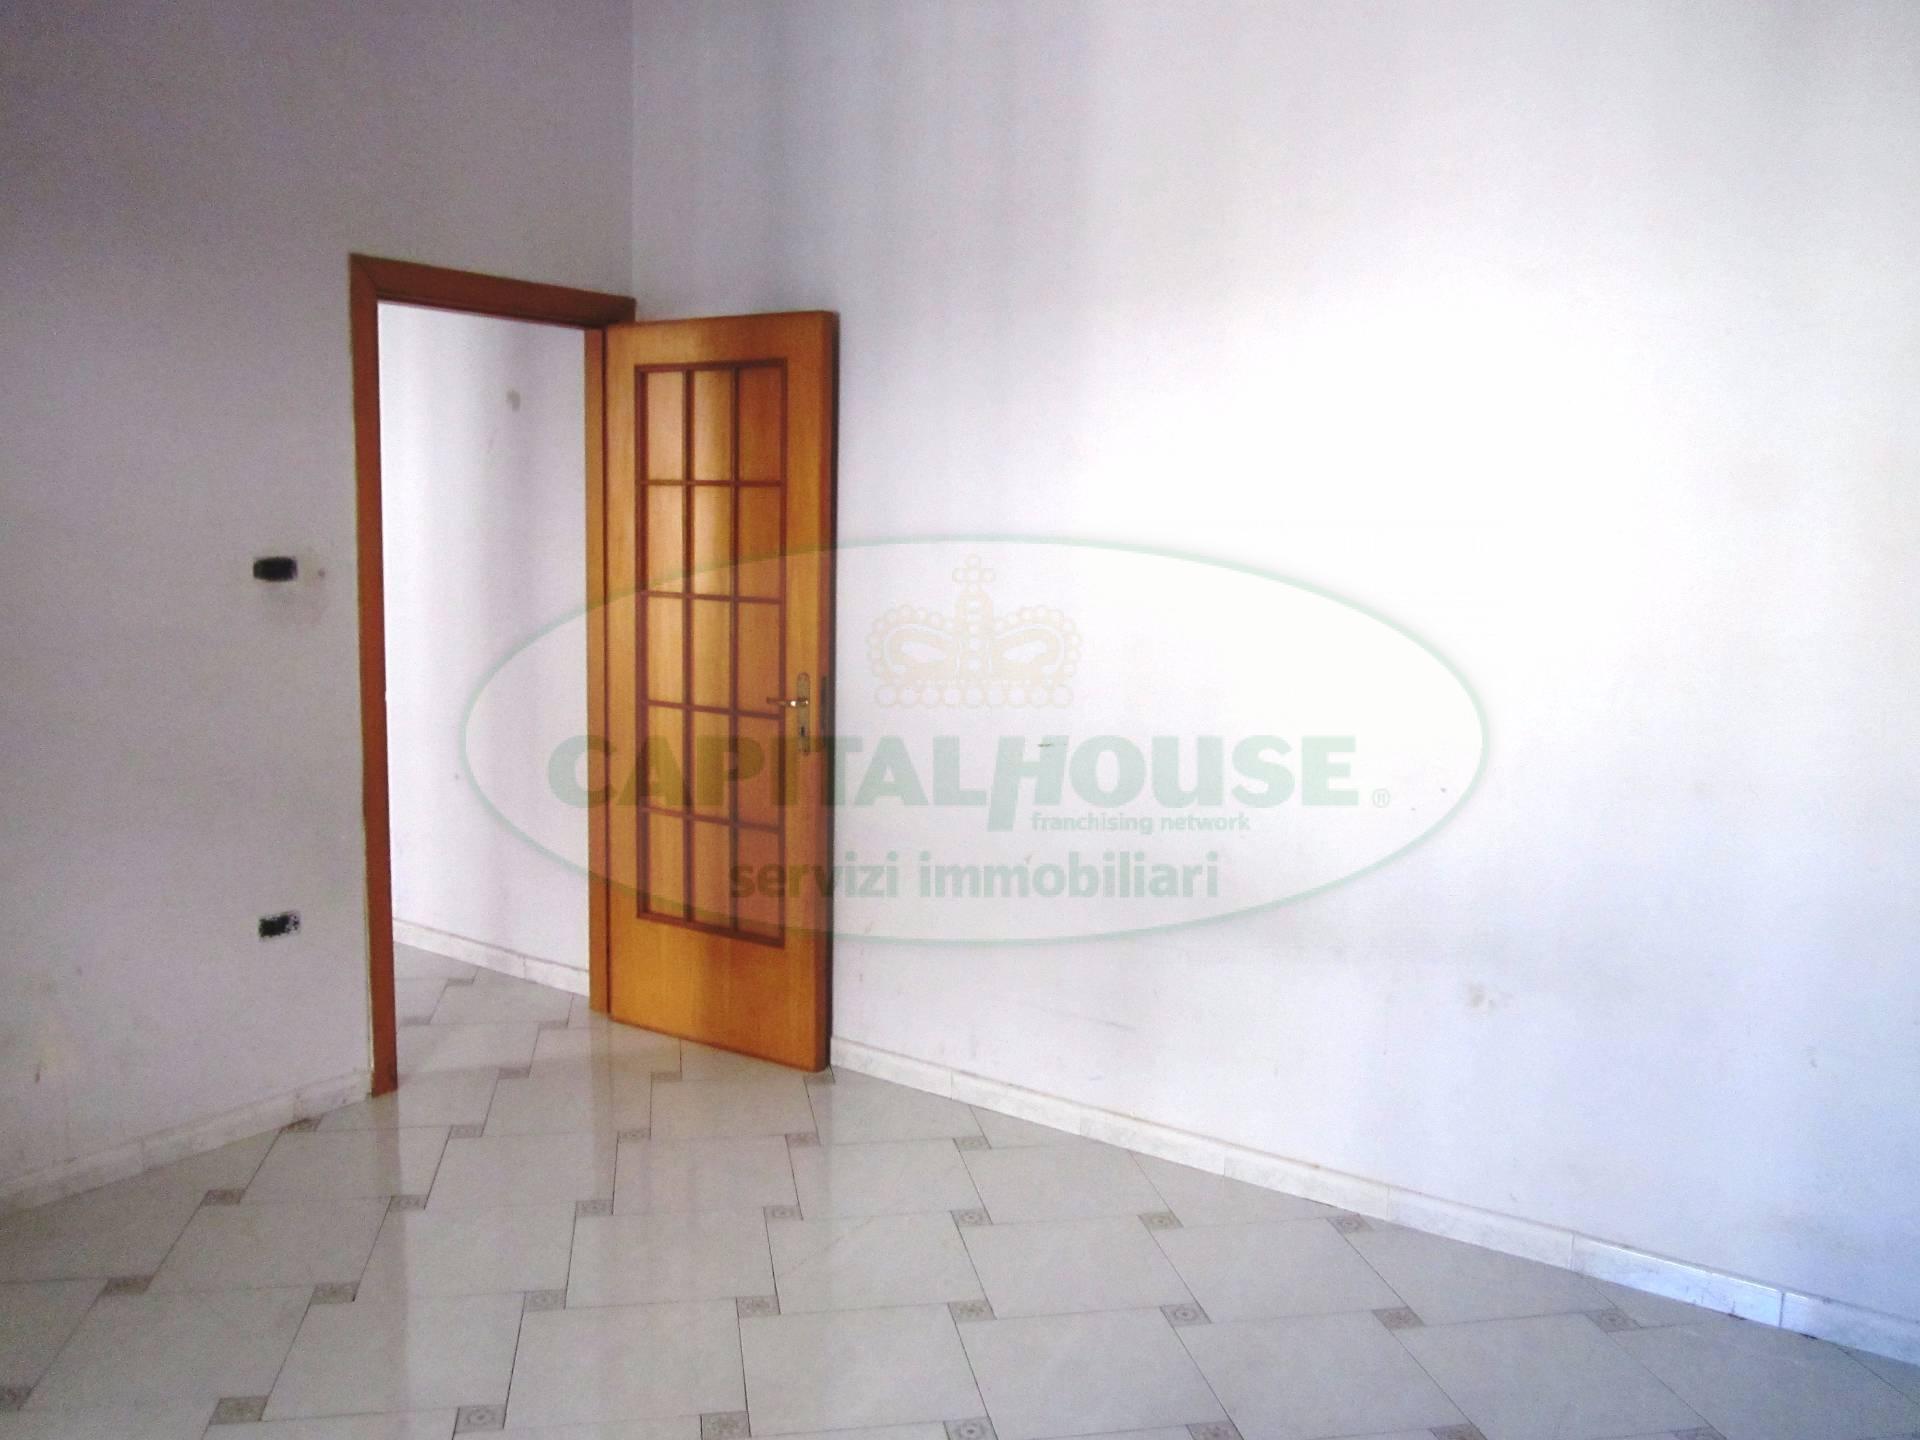 Appartamento in vendita a San Nicola la Strada, 2 locali, zona Località: CentroMunicipio, prezzo € 38.000 | CambioCasa.it